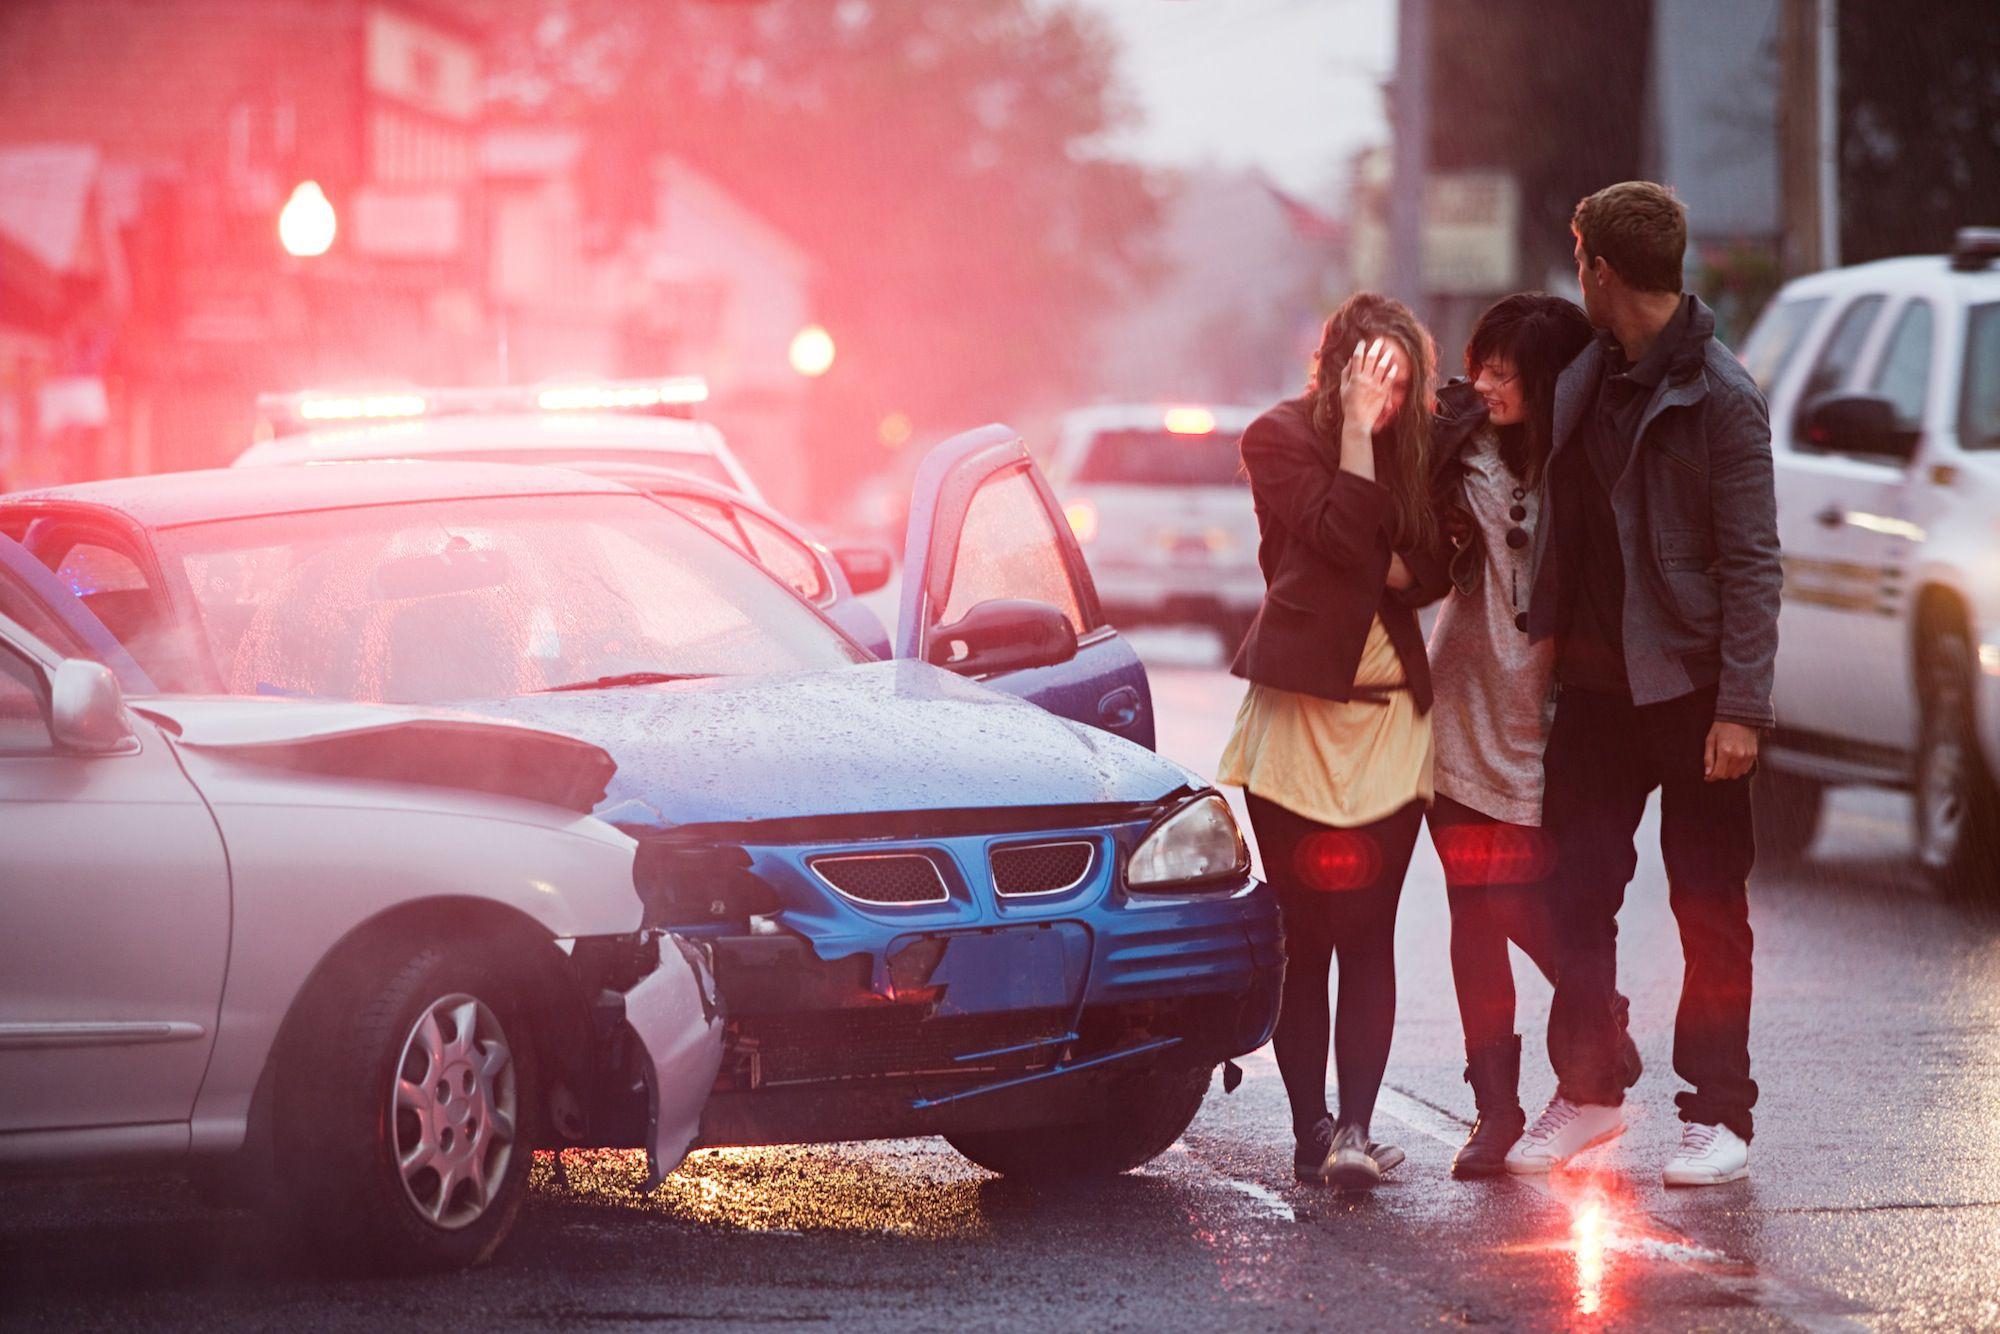 Риск развития посттравматического стрессового расстройства, когда вы попали в автомобильную аварию